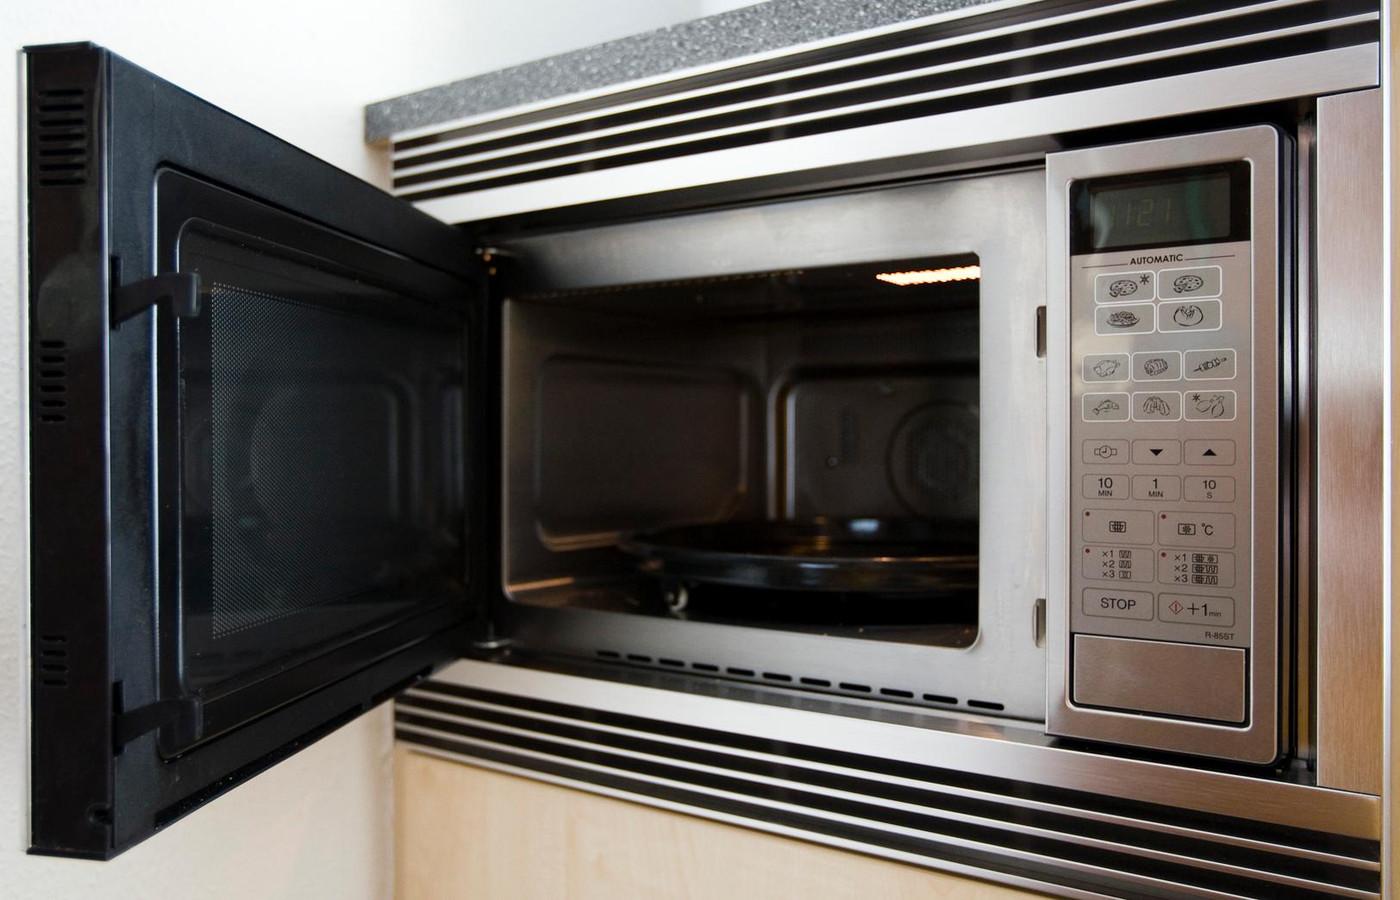 Ook de tijd op magnetrons en ovens kan achter lopen door de problemen.